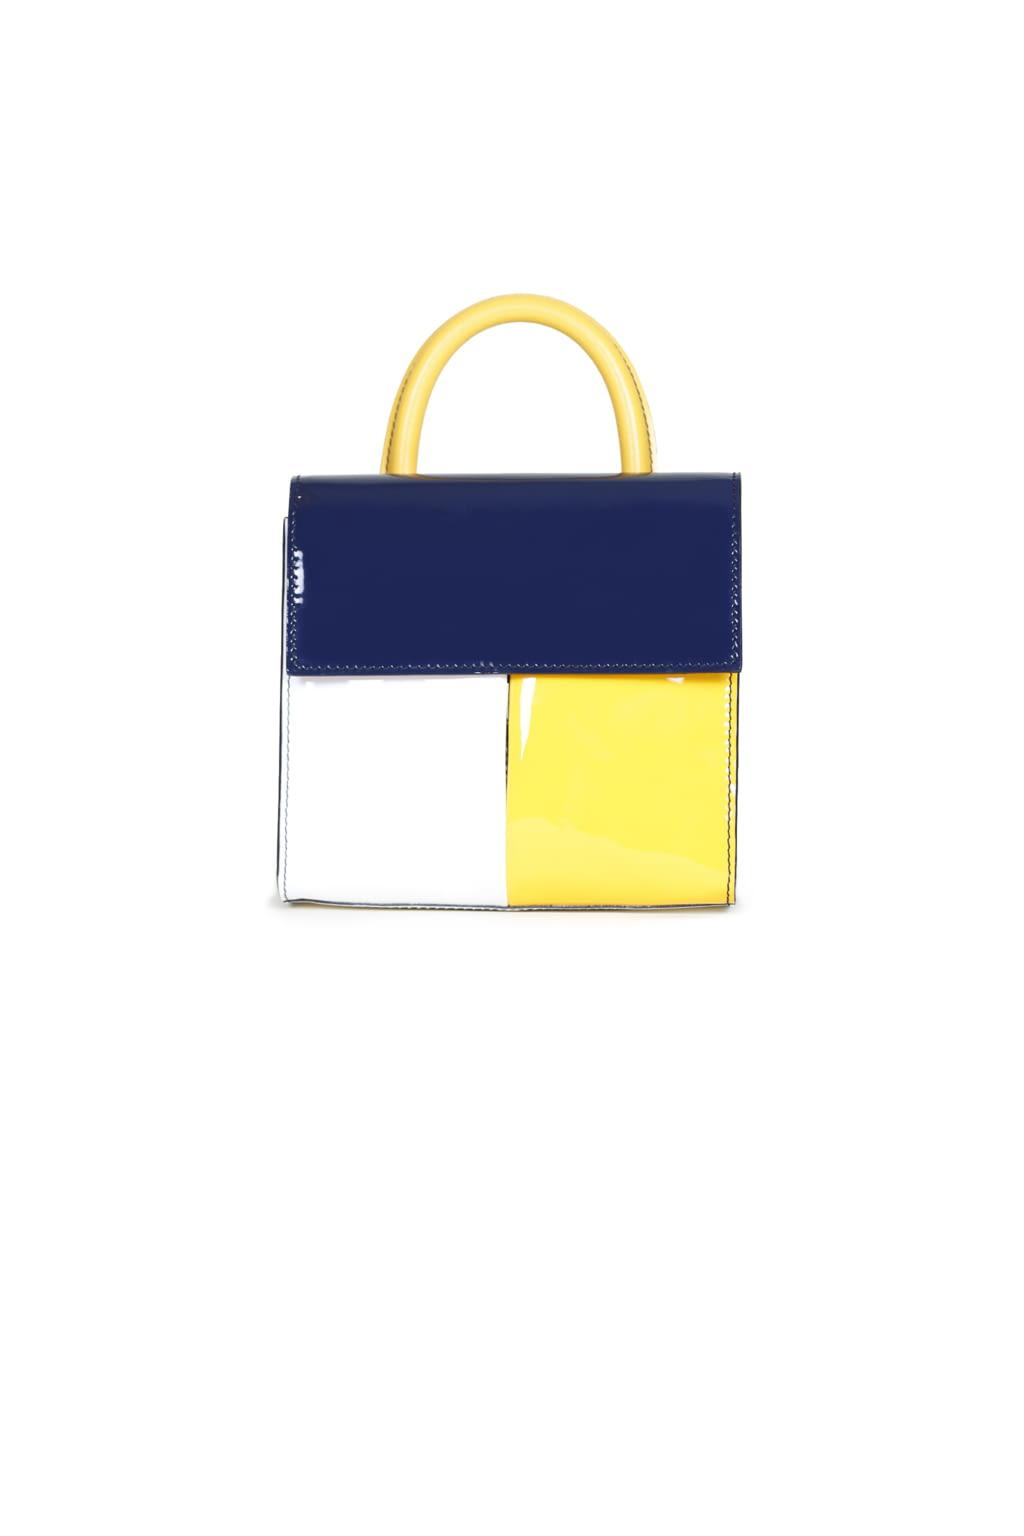 Fashion Week Paris Spring/Summer 2020 look 33 de la collection Carel womenswear accessories